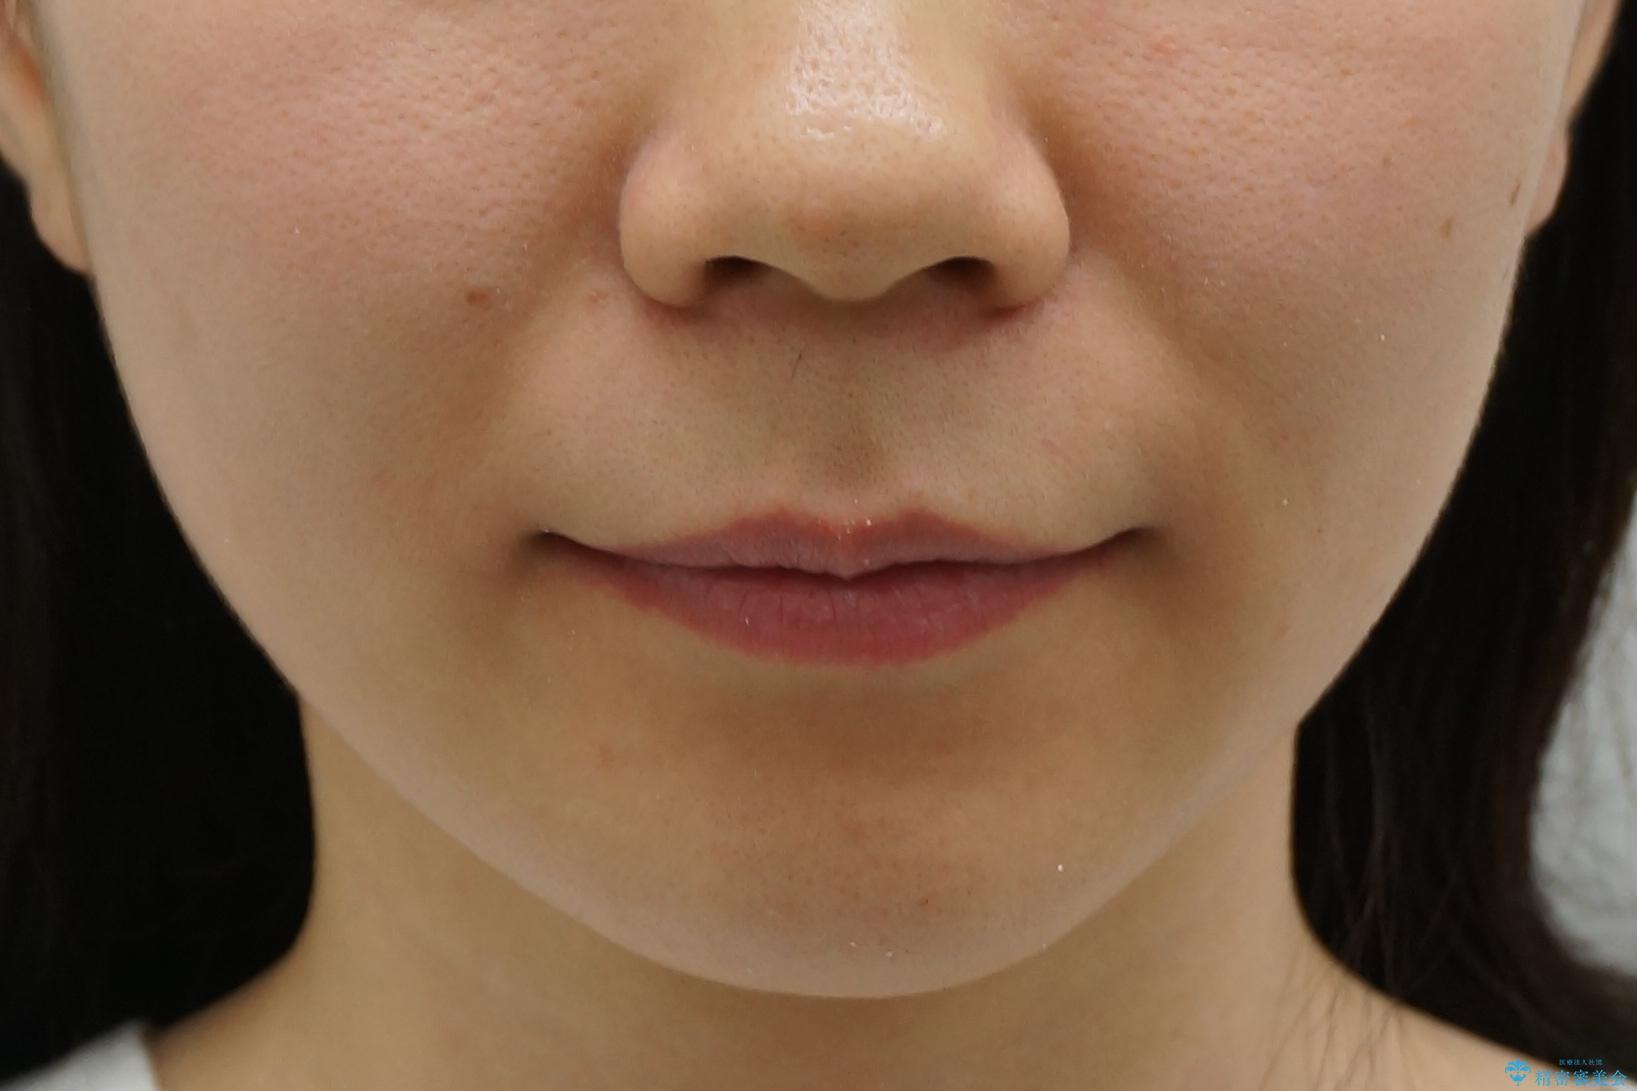 八重歯 奥歯のすれ違い ワイヤー矯正でしっかり治療の治療後(顔貌)